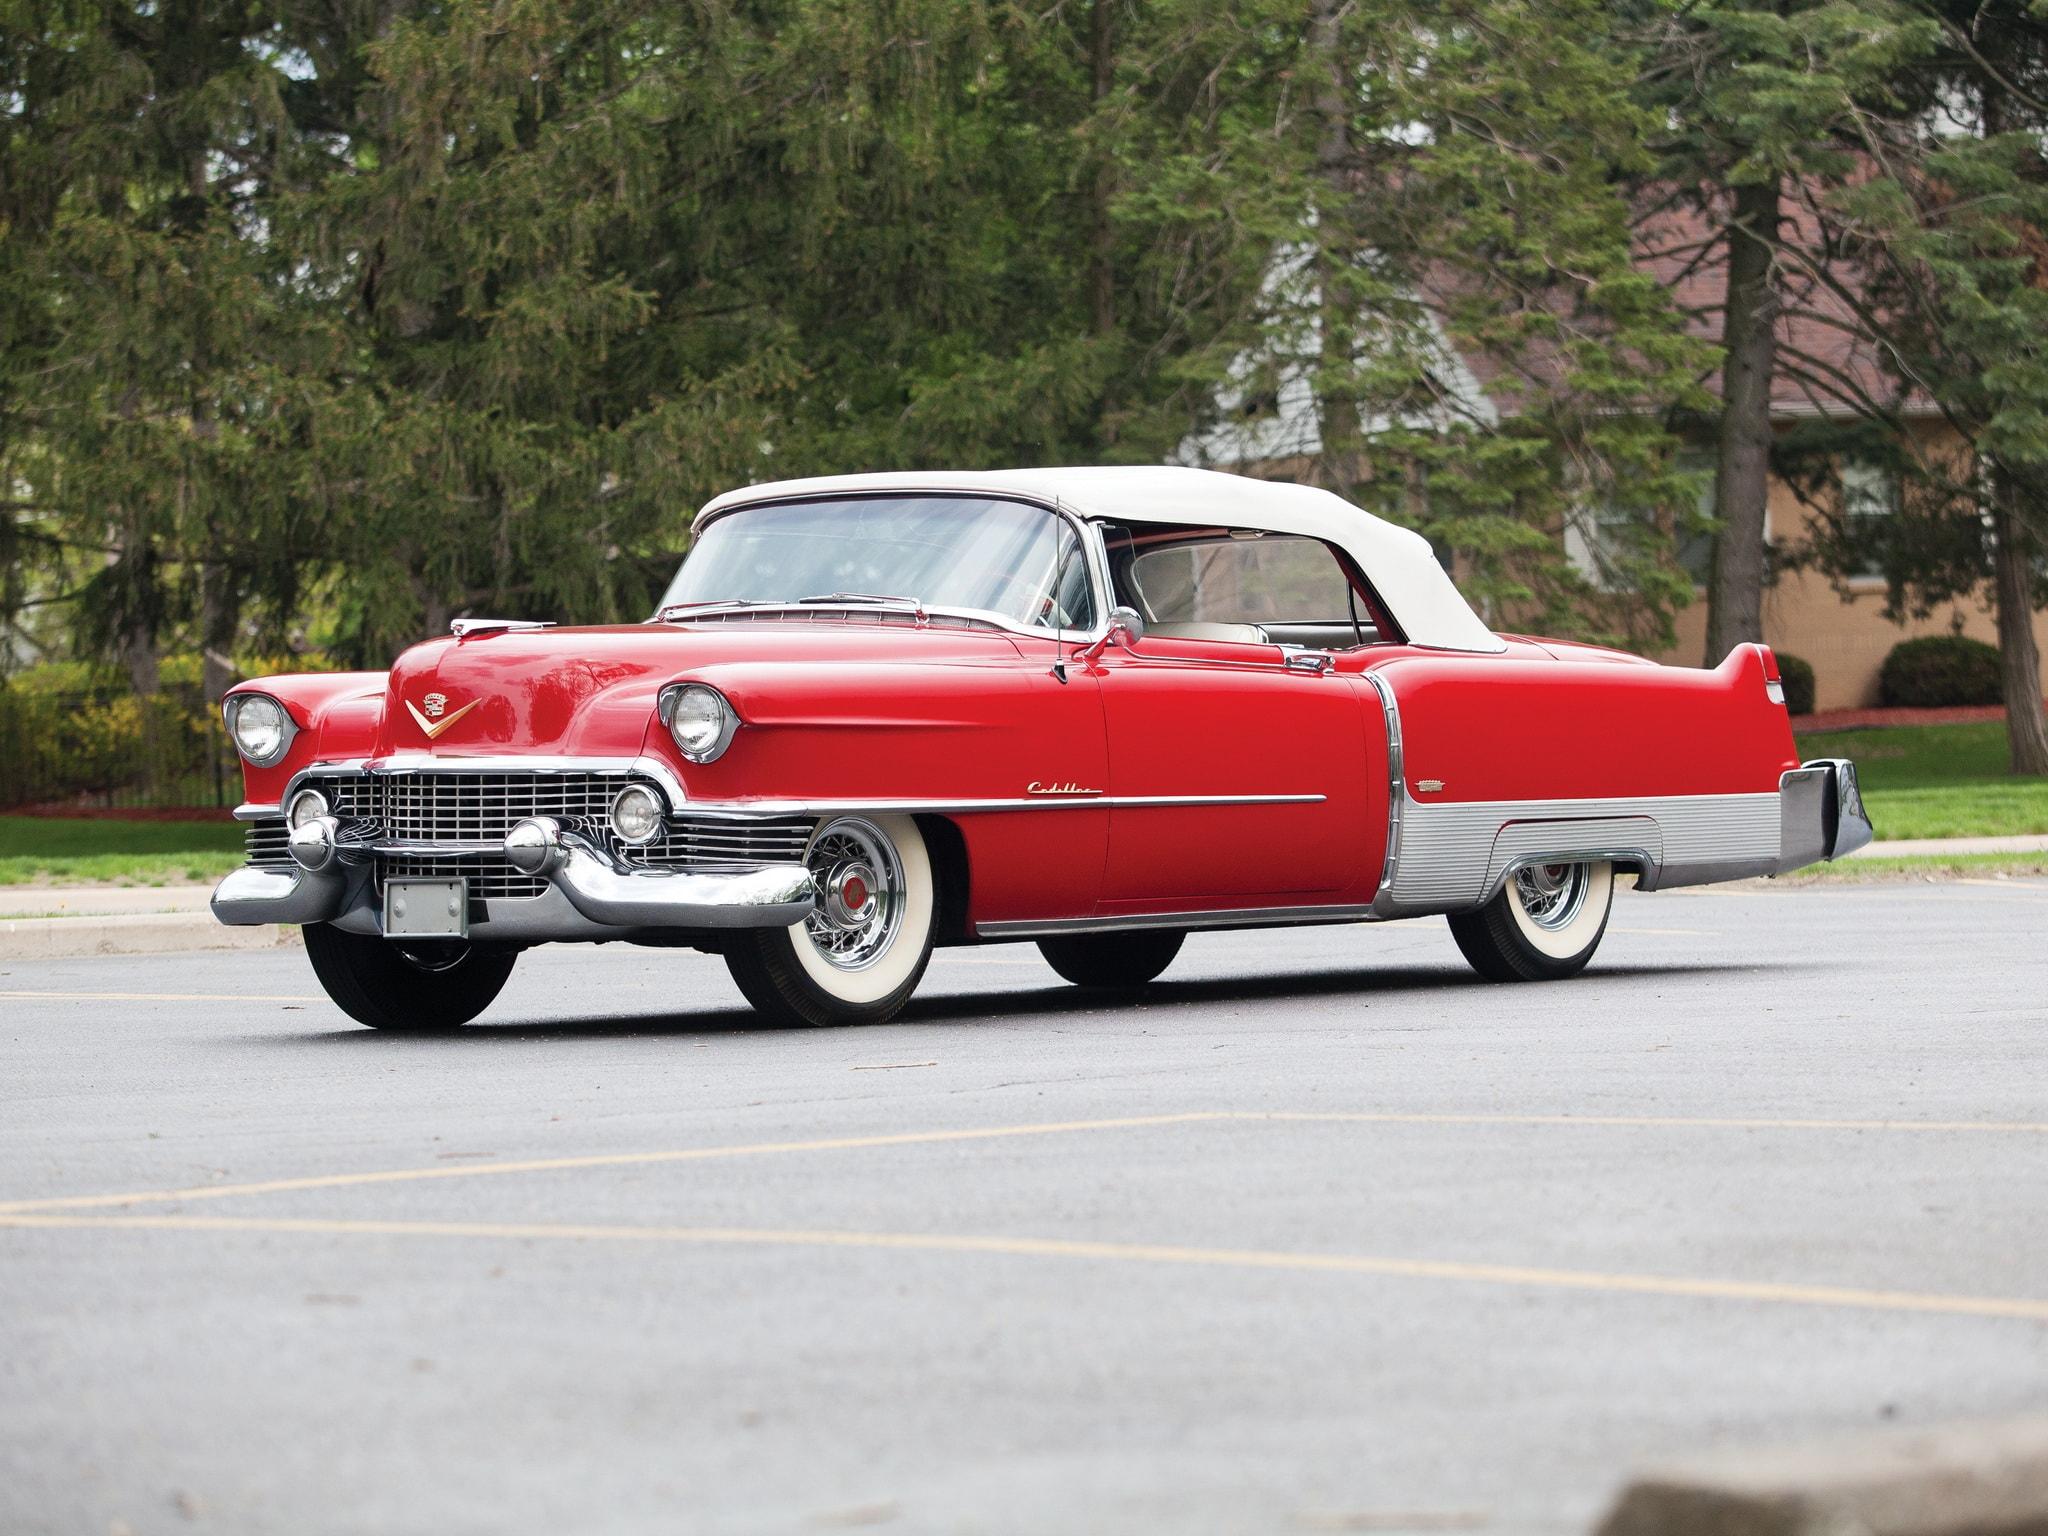 1954 Cadillac Eldorado Free